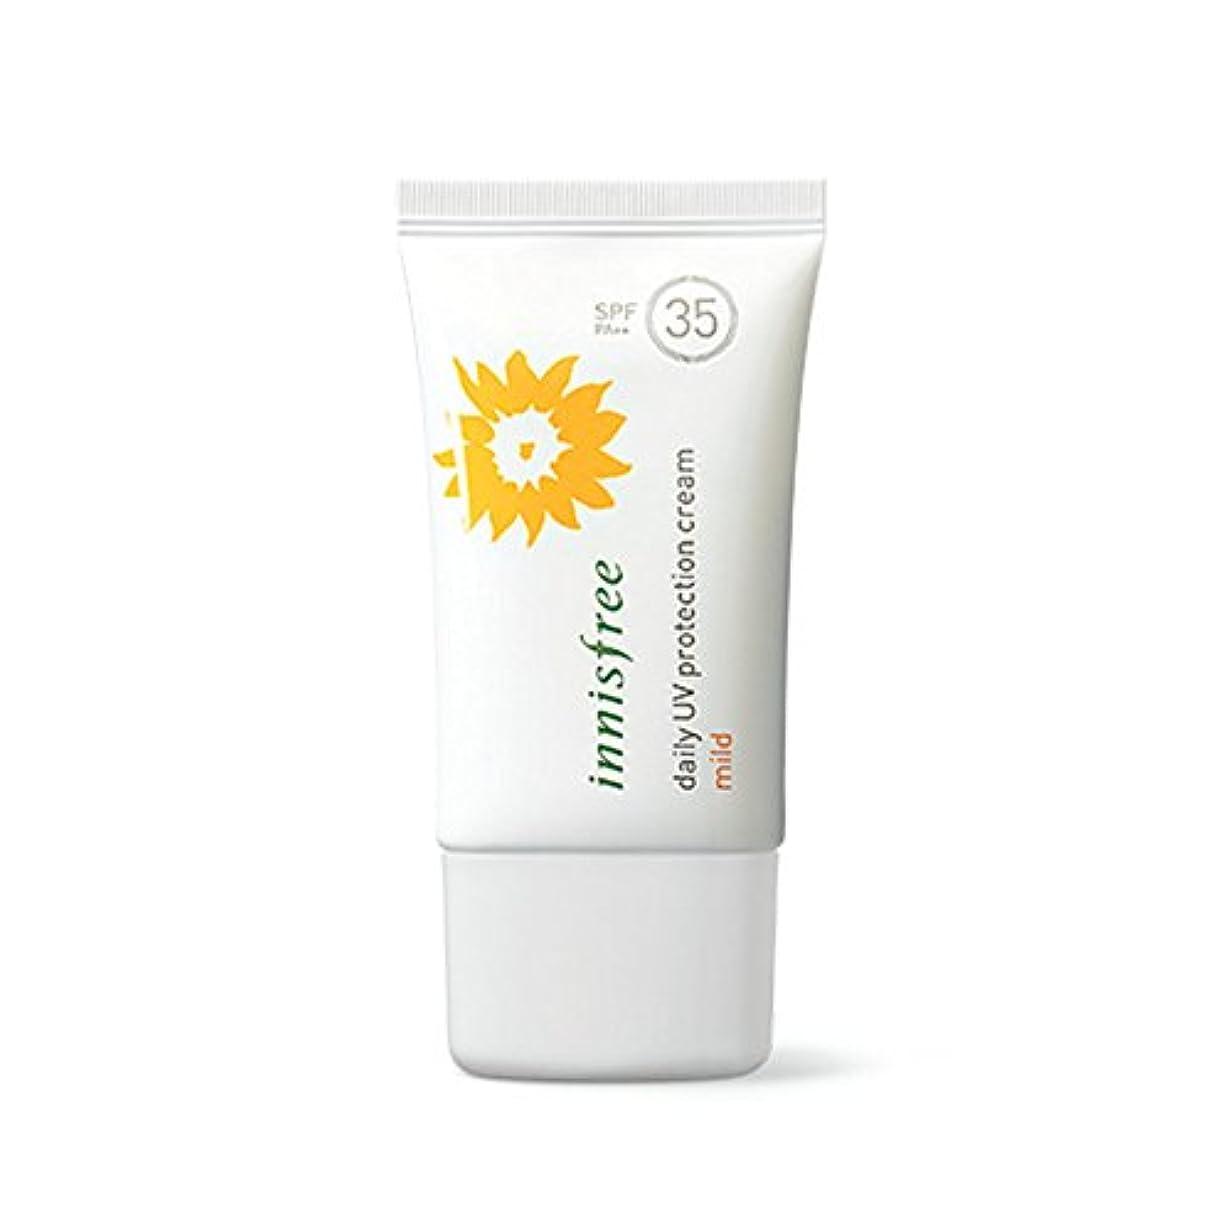 ホイール微妙ライセンスイニスフリーデイリーUVプロテクションクリーム50mlマイルドSPF35 + PA ++ Innisfree Daily UV Protection Cream 50ml Mild SPF35+ PA++ [海外直送品]...